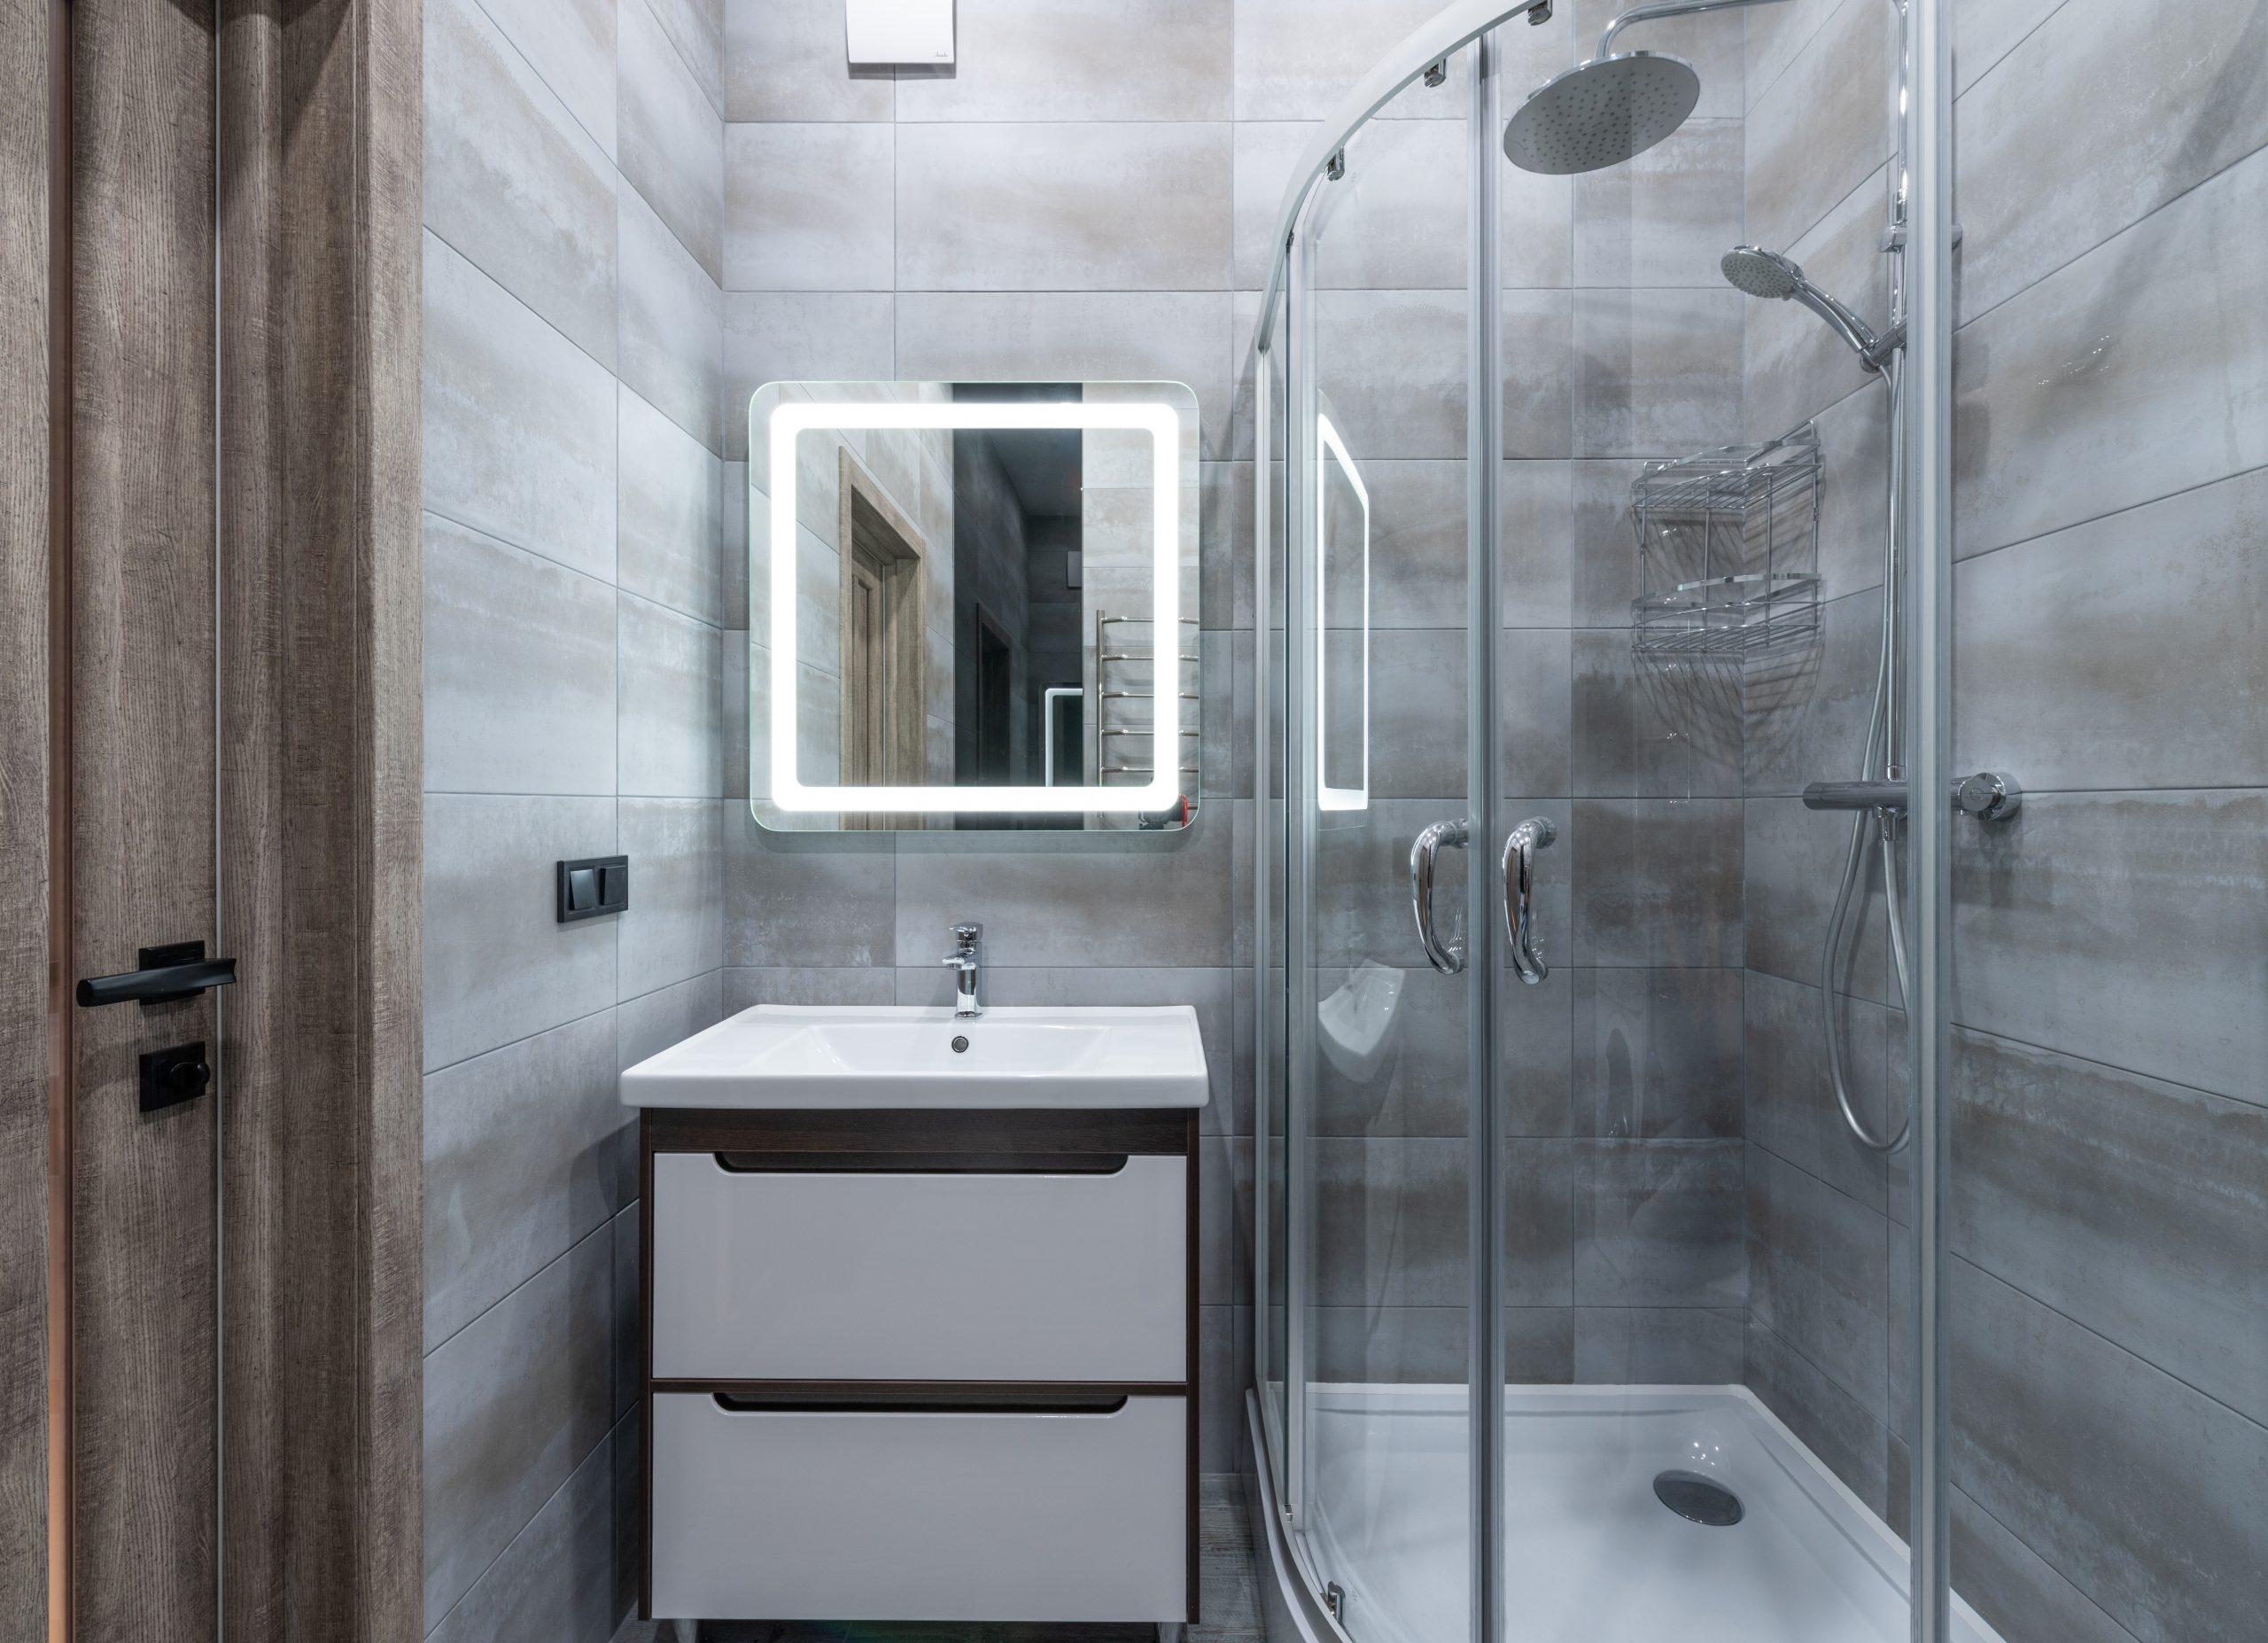 5 Reasons to Get a Frameless Glass Shower Doors